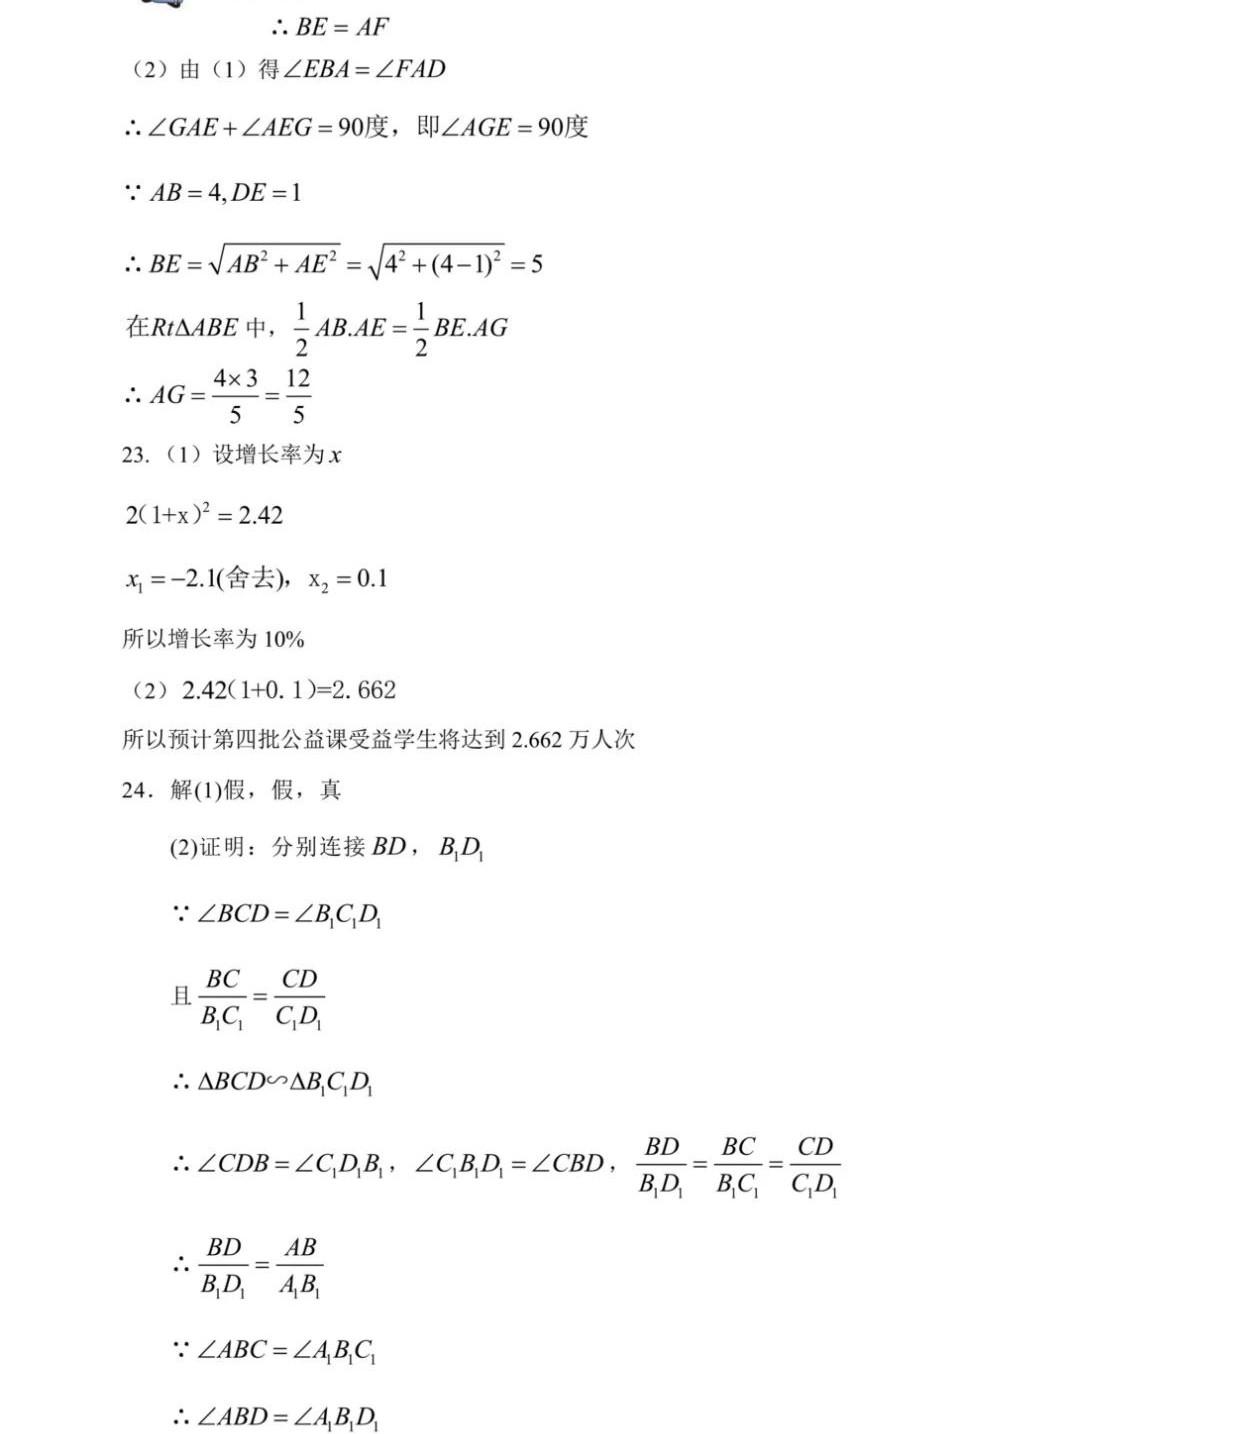 2019年湖南長沙中考數學真題及答案【圖片版】8.jpg